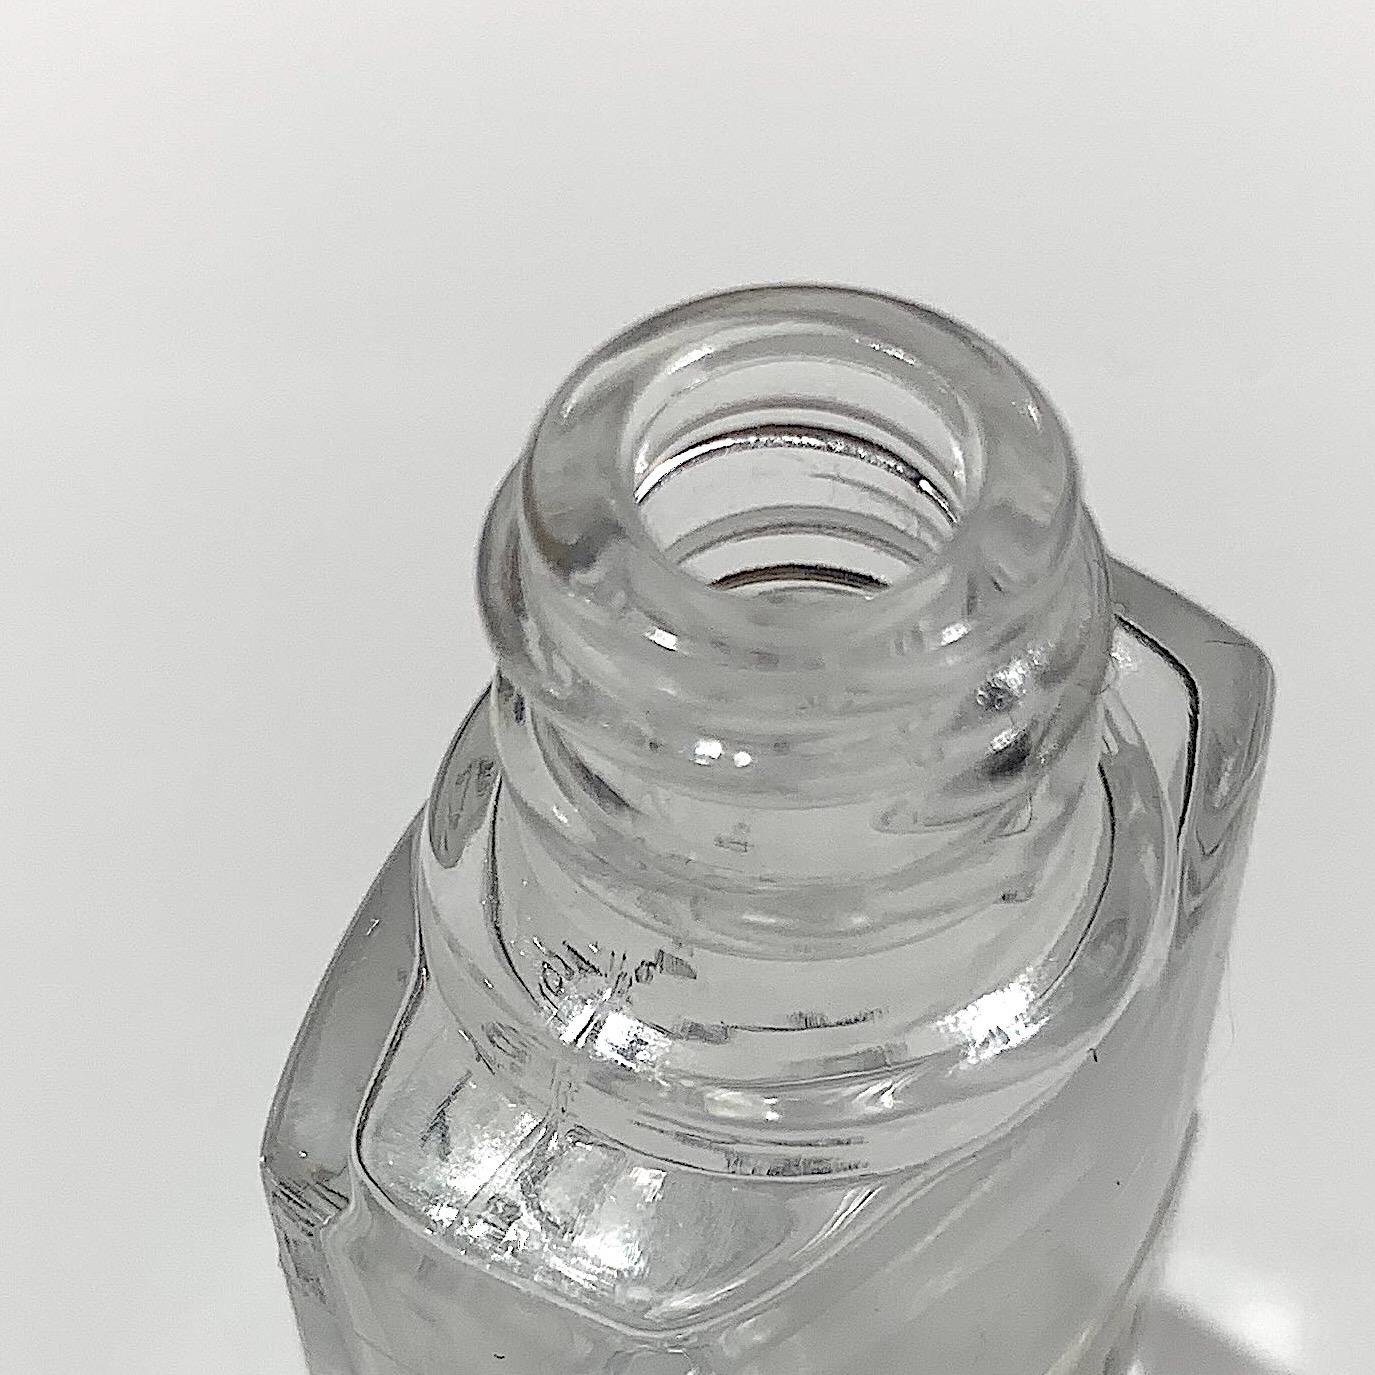 ホワイトブーケ(パルファム)5mlミニボトル/MACOTT 限定熟成香水